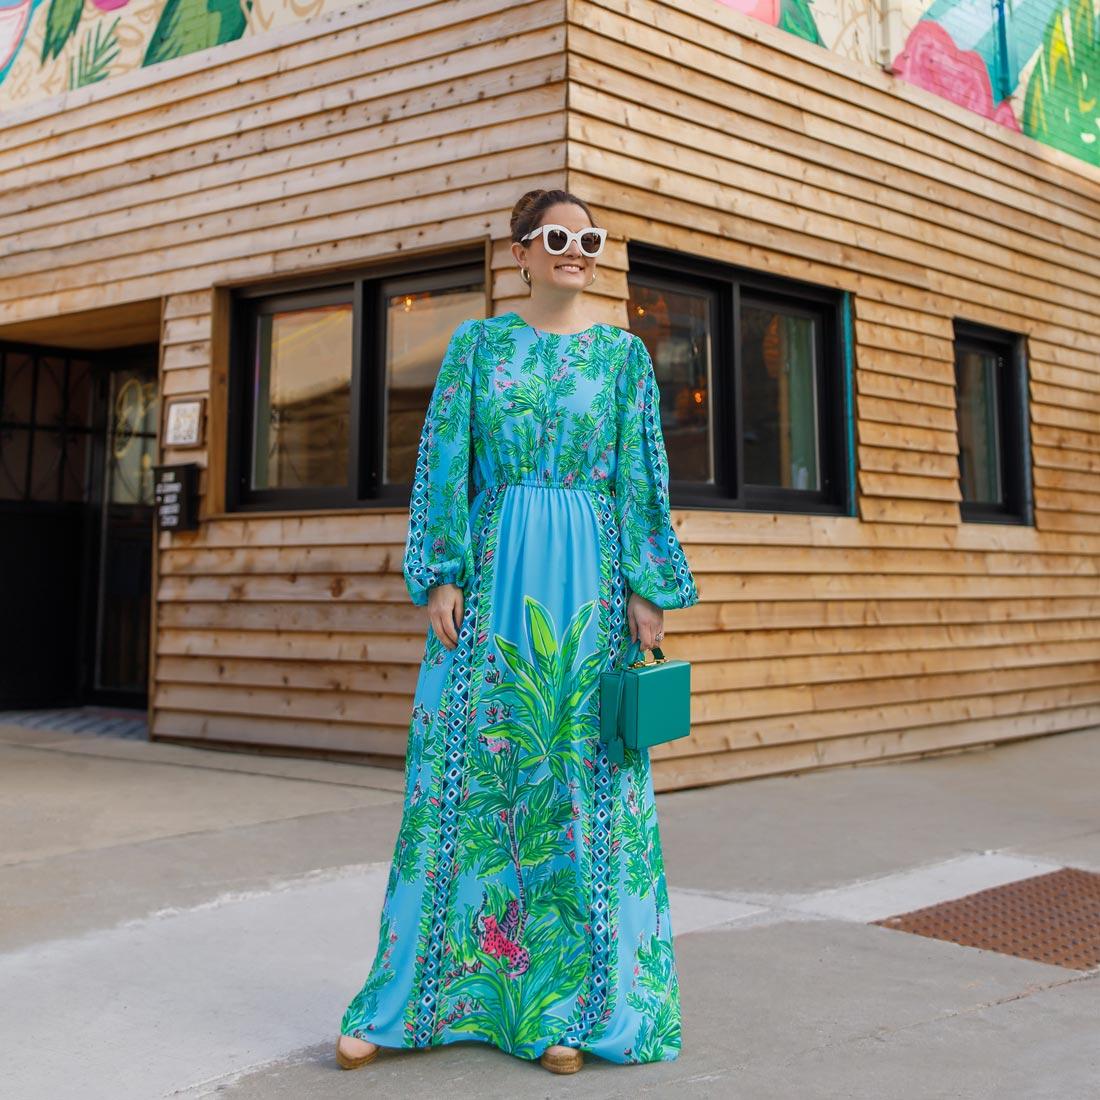 Lilly Pulitzer Aqua Dress